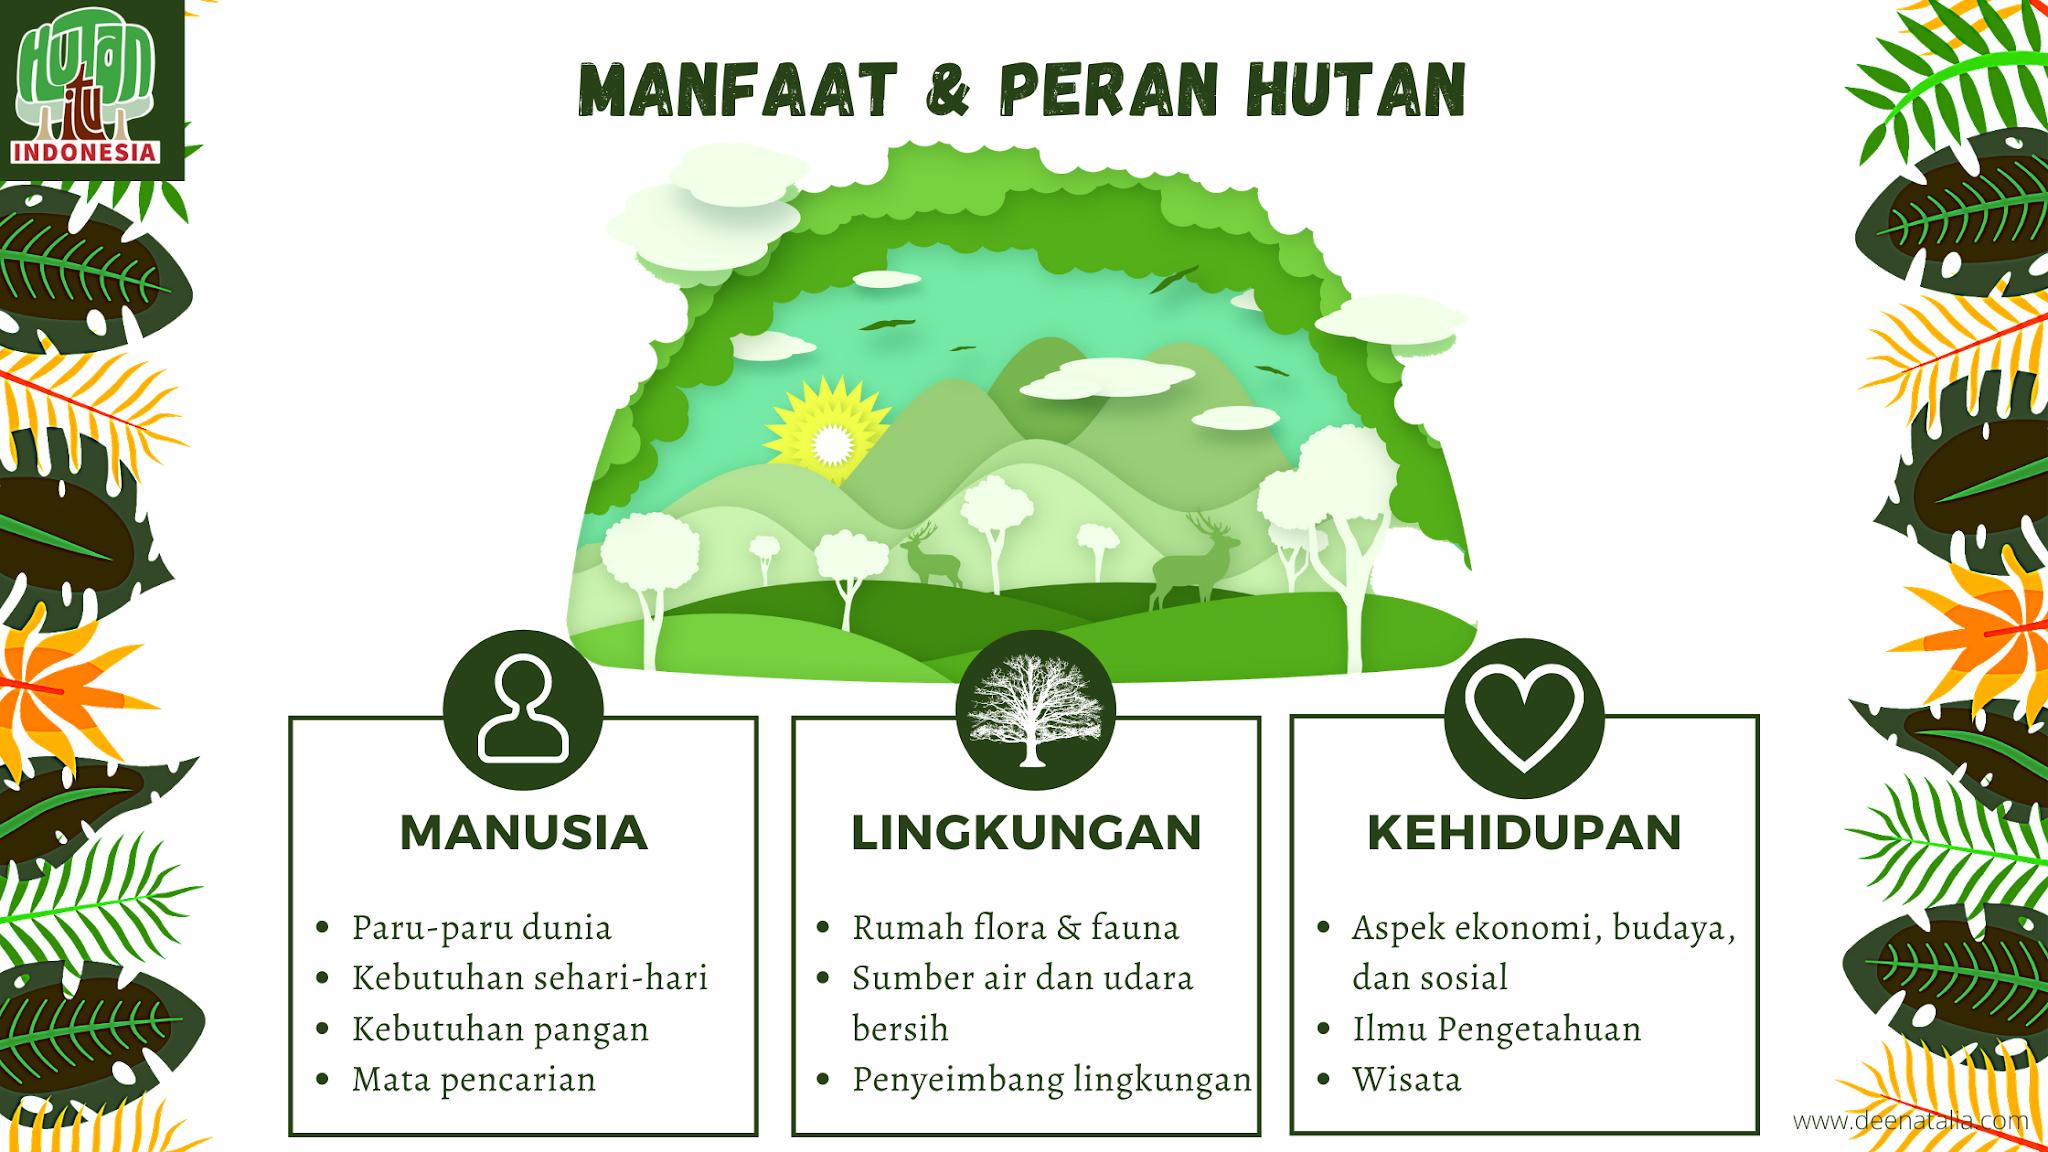 Manfaat dan Peran Hutan